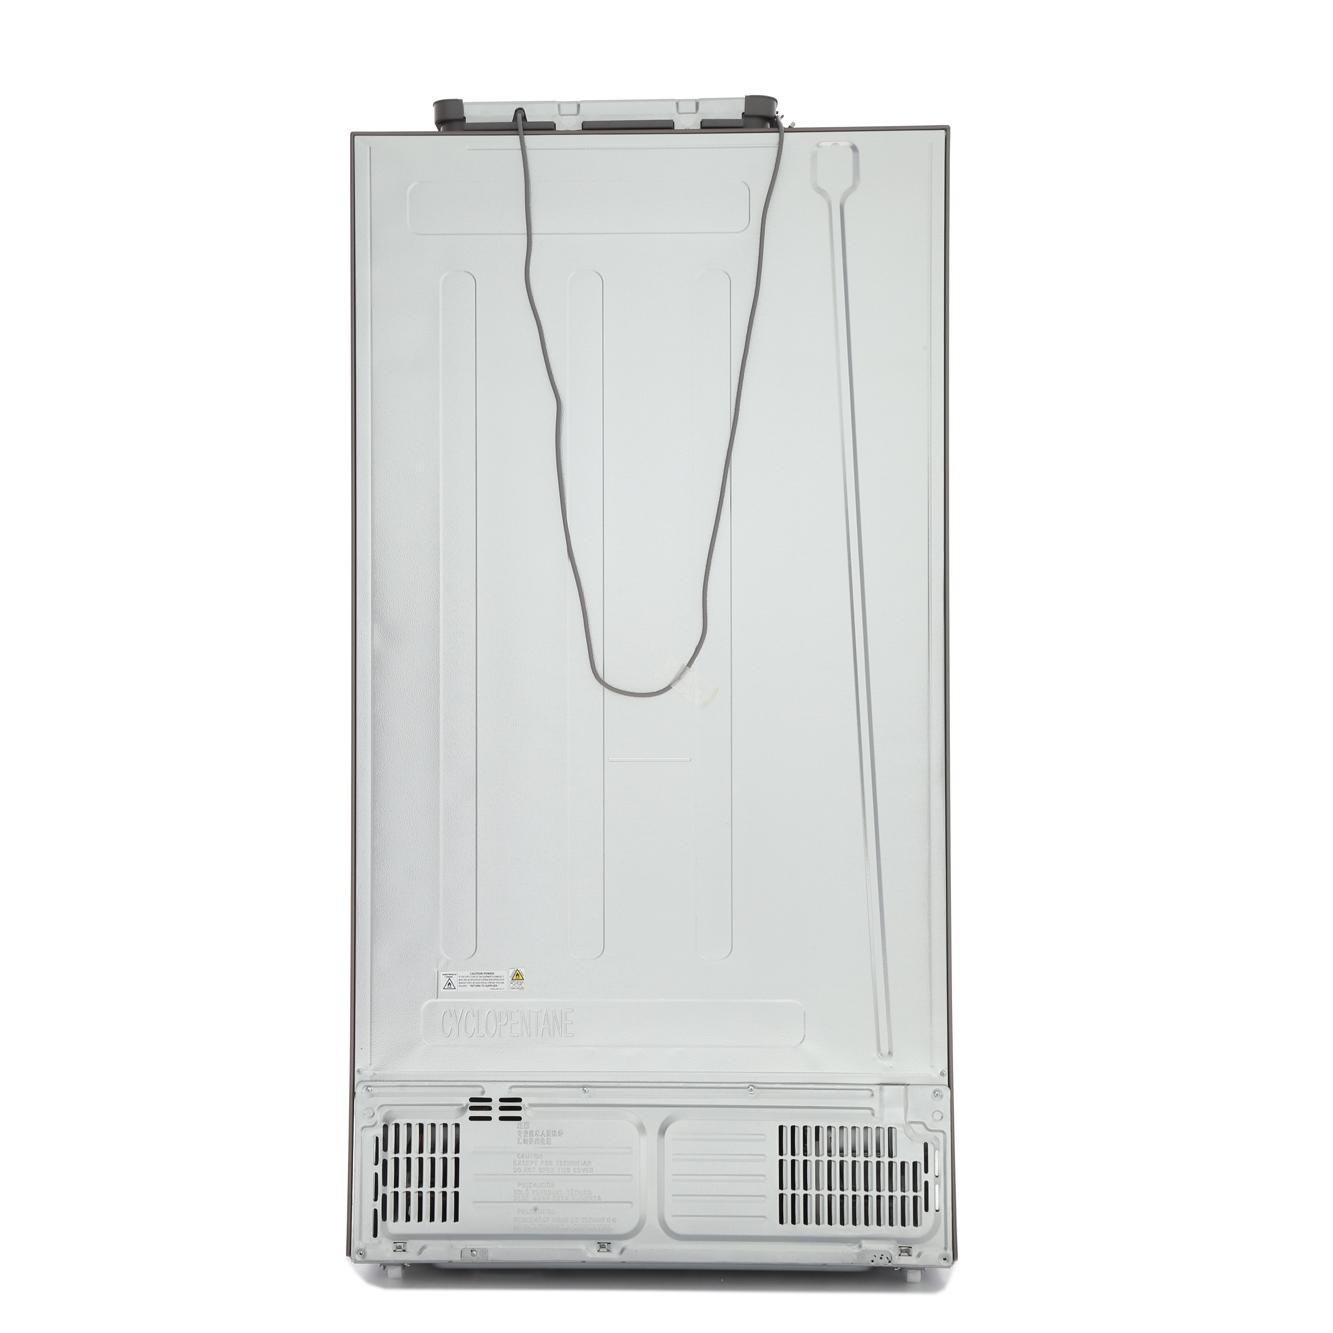 Buy Samsung Rsa1rtmg1 American Fridge Freezer Gun Metal